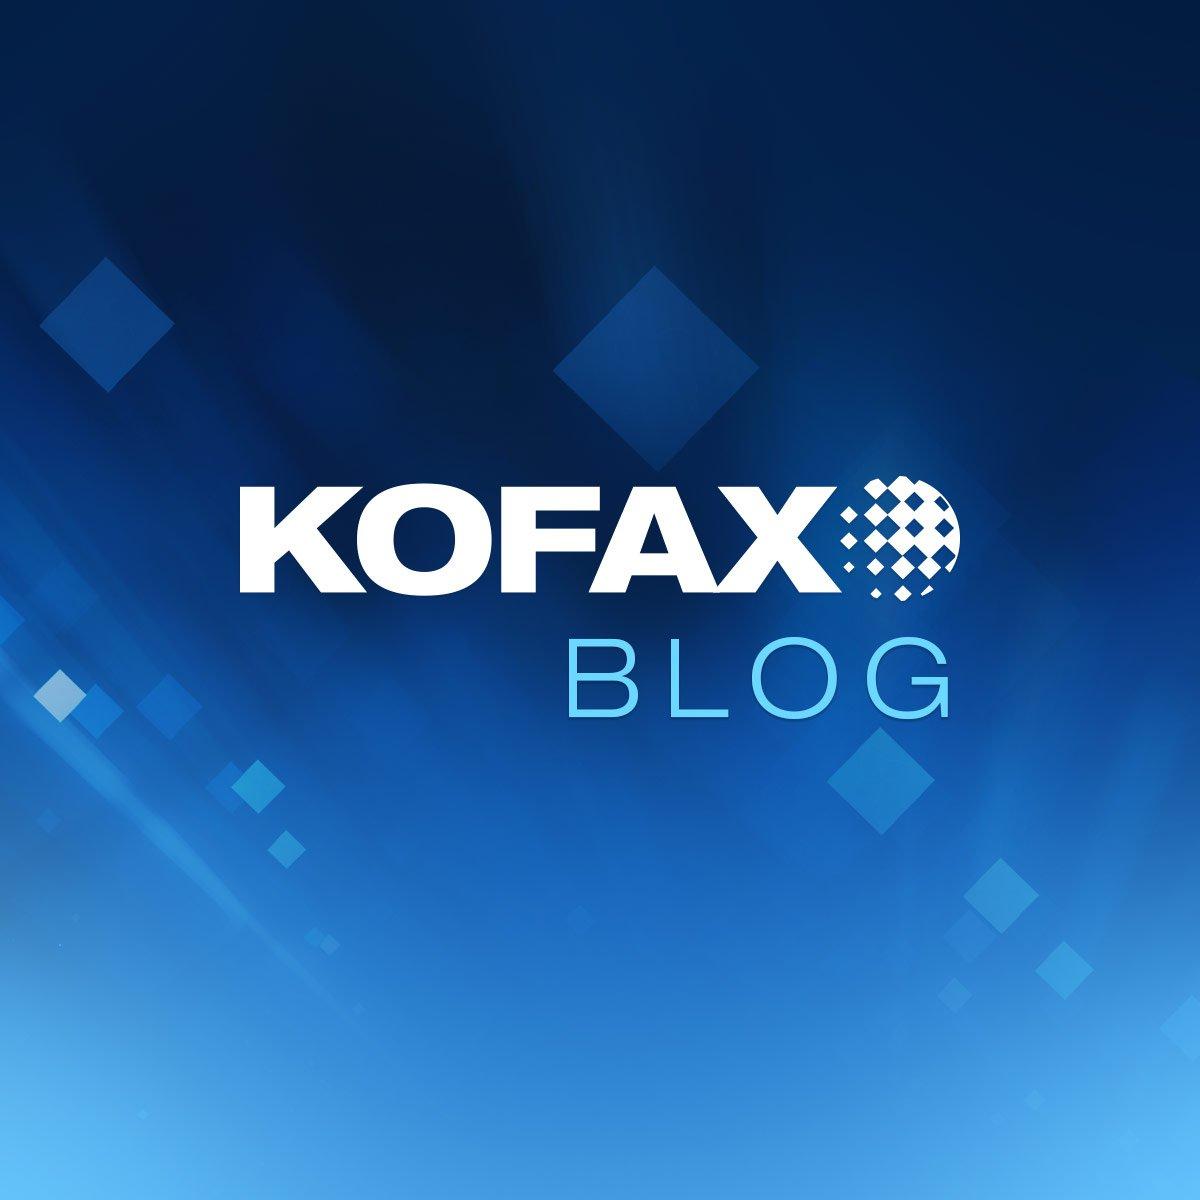 Kofax Inc Kofax Twitter